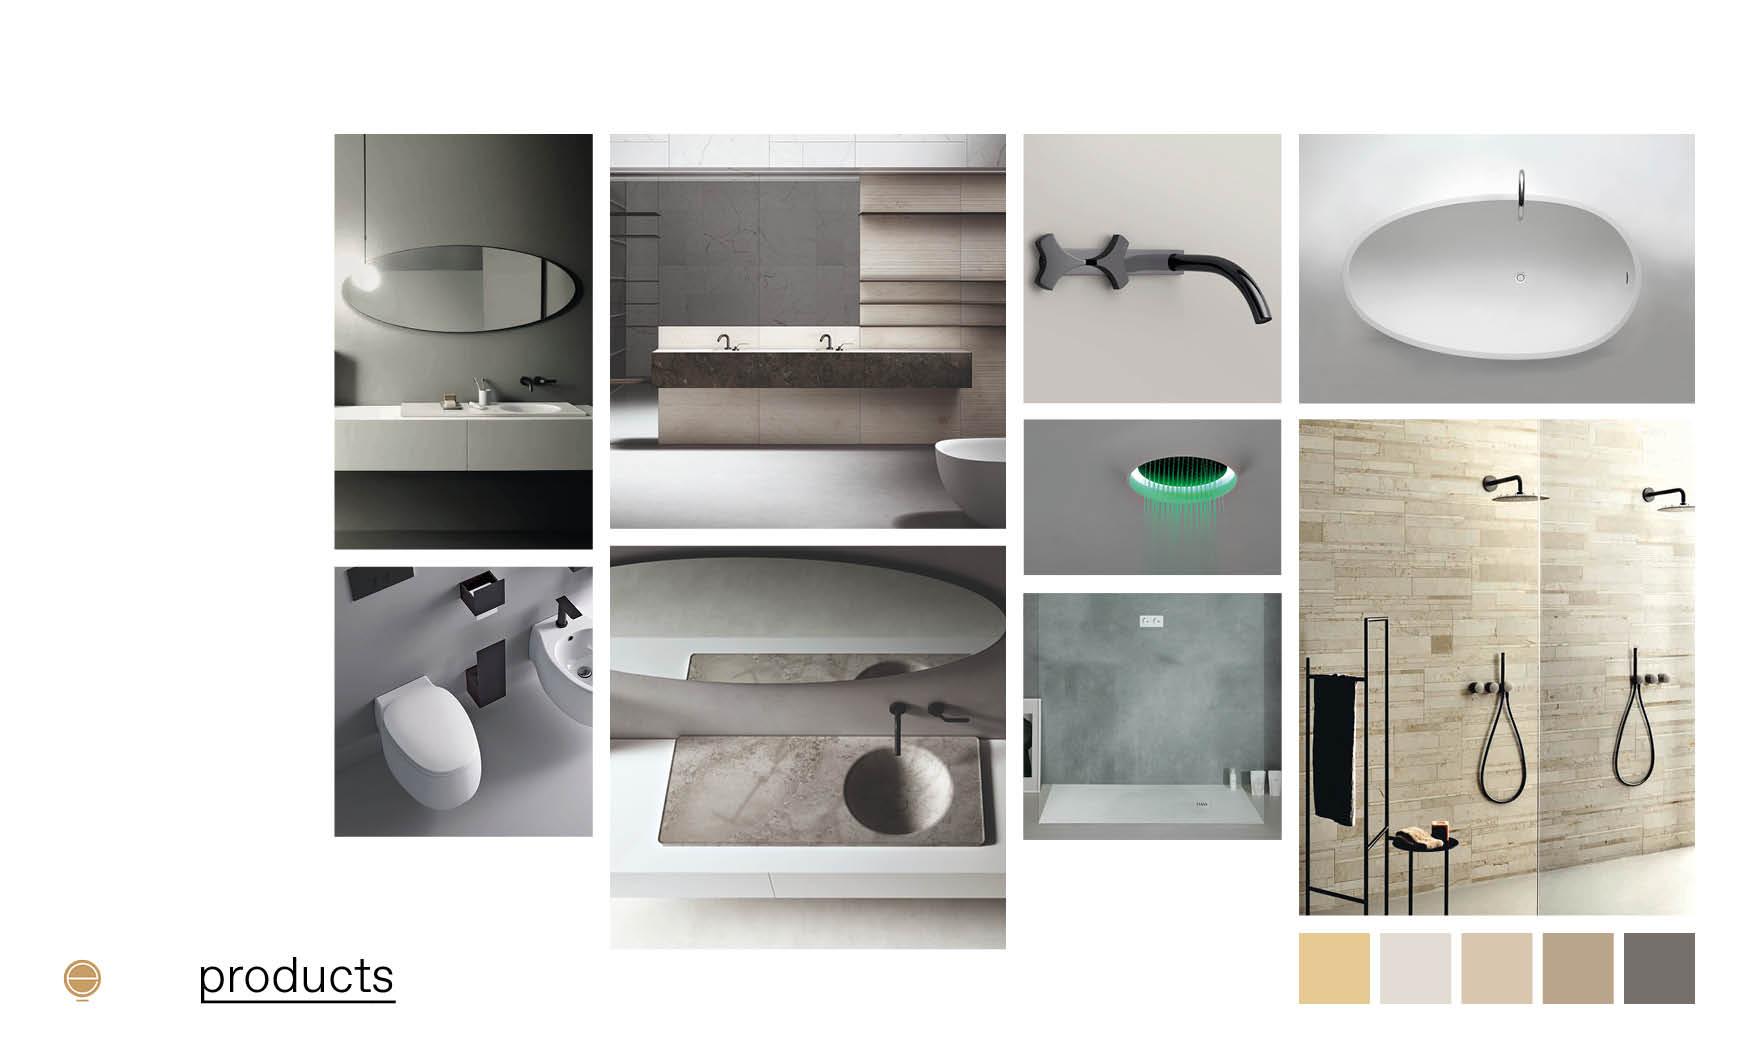 Contemporary Italian bathroom furniture moodboard design by Esperiri Milano